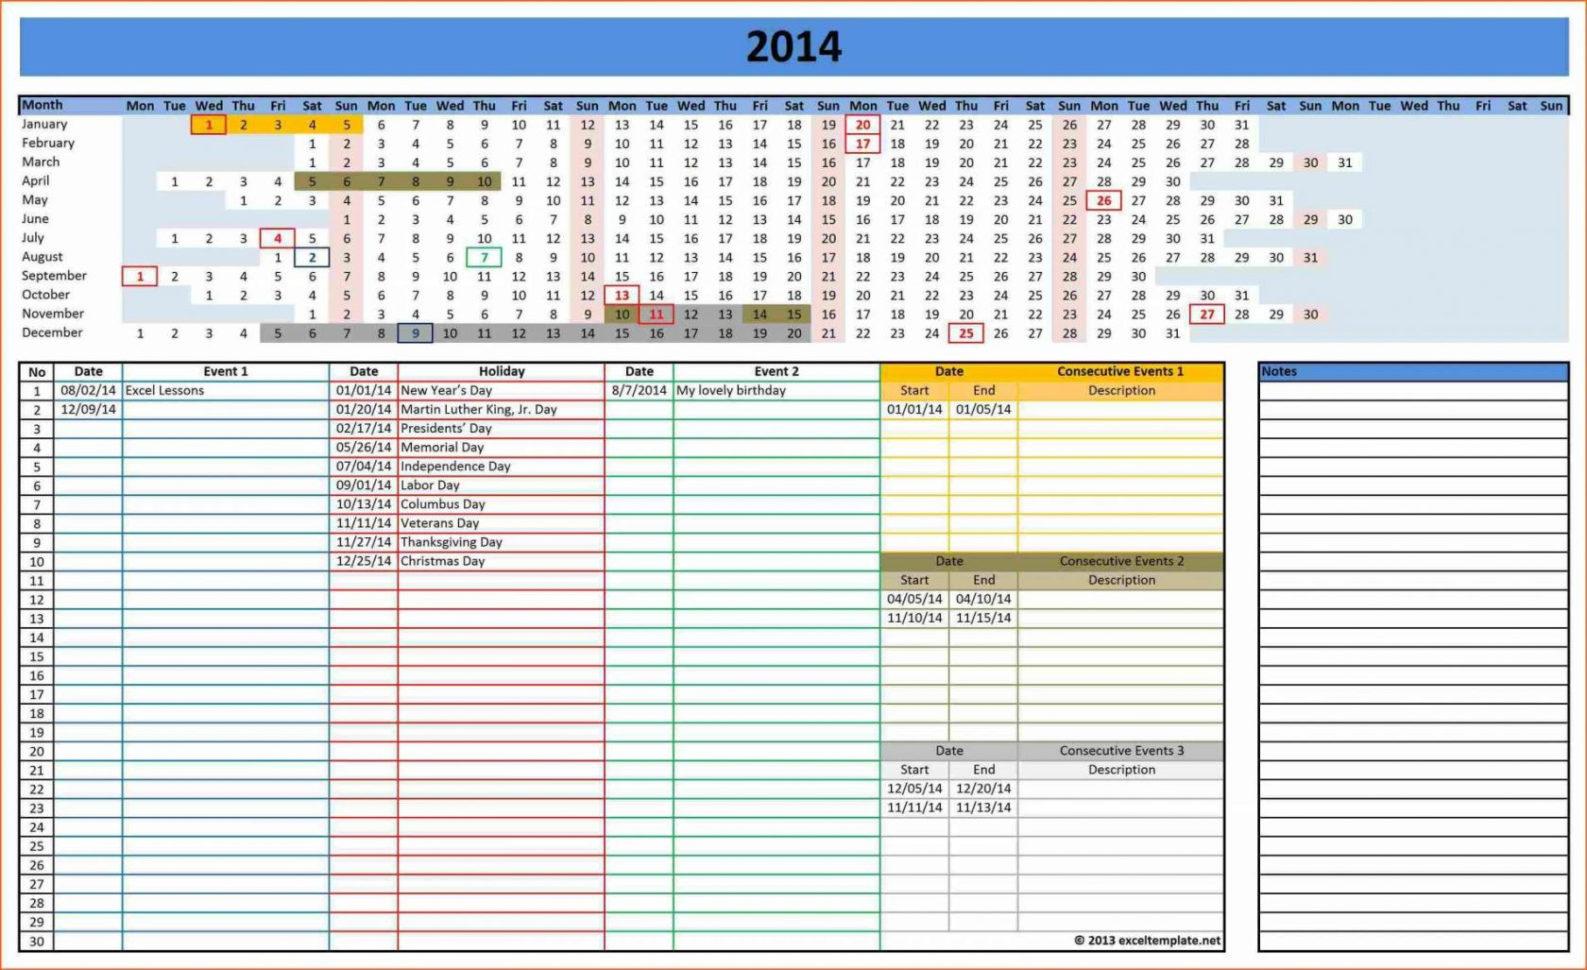 Online Excel Spreadsheet Maker With Regard To Wedding Budgetlculator Spreadsheet Example Fantastisch Einfaches